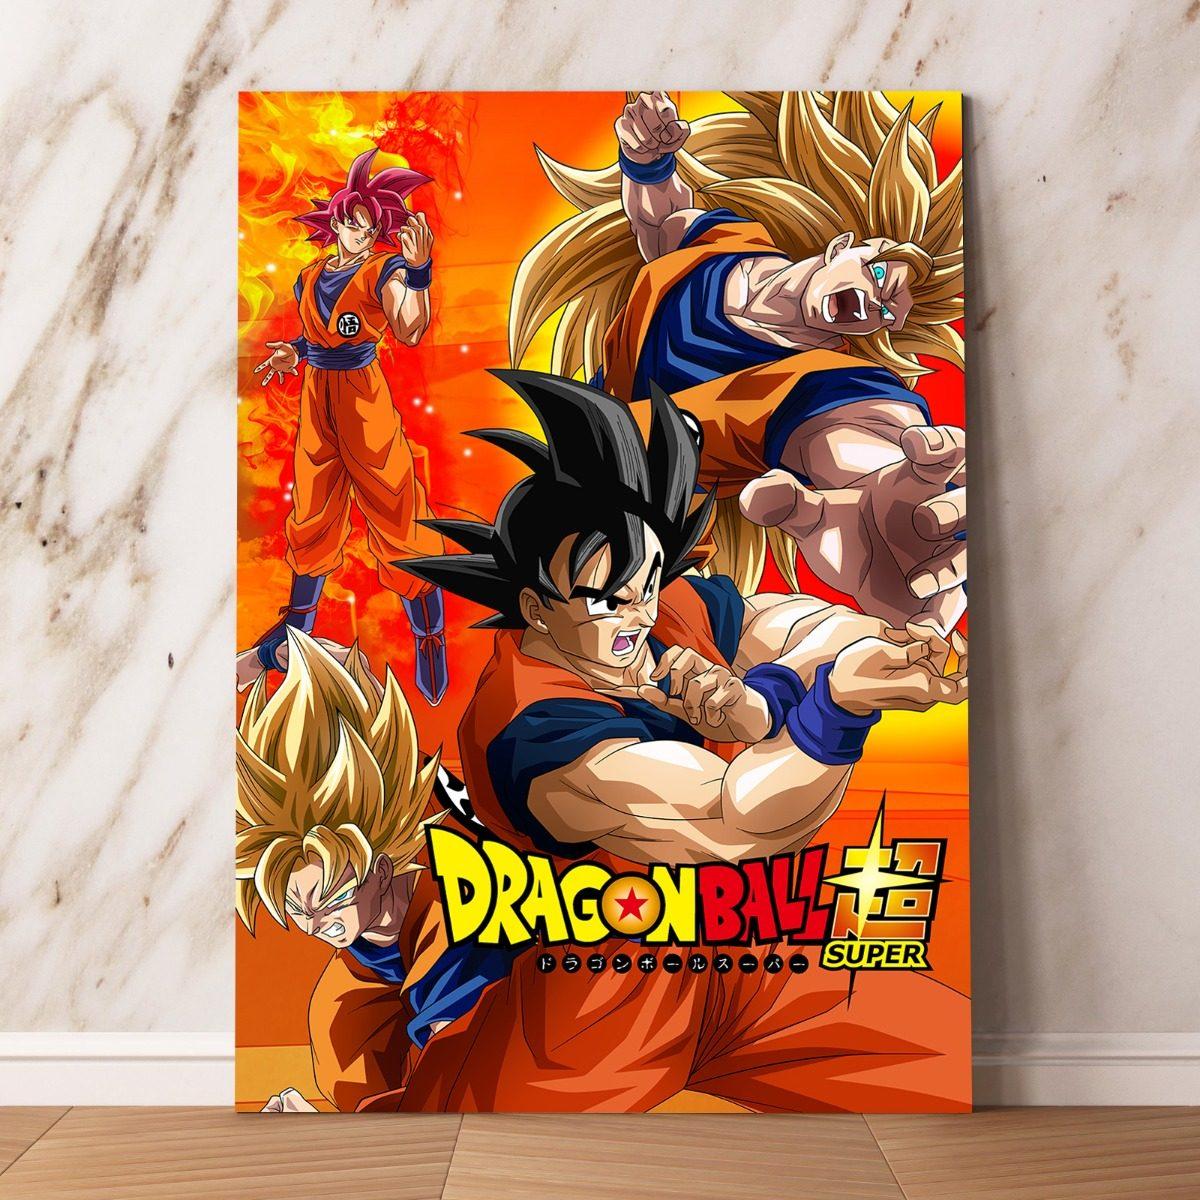 Dragon ball z goku cuadros mdf mural afiches posters 60x40 for Cuartos decorados de dragon ball z